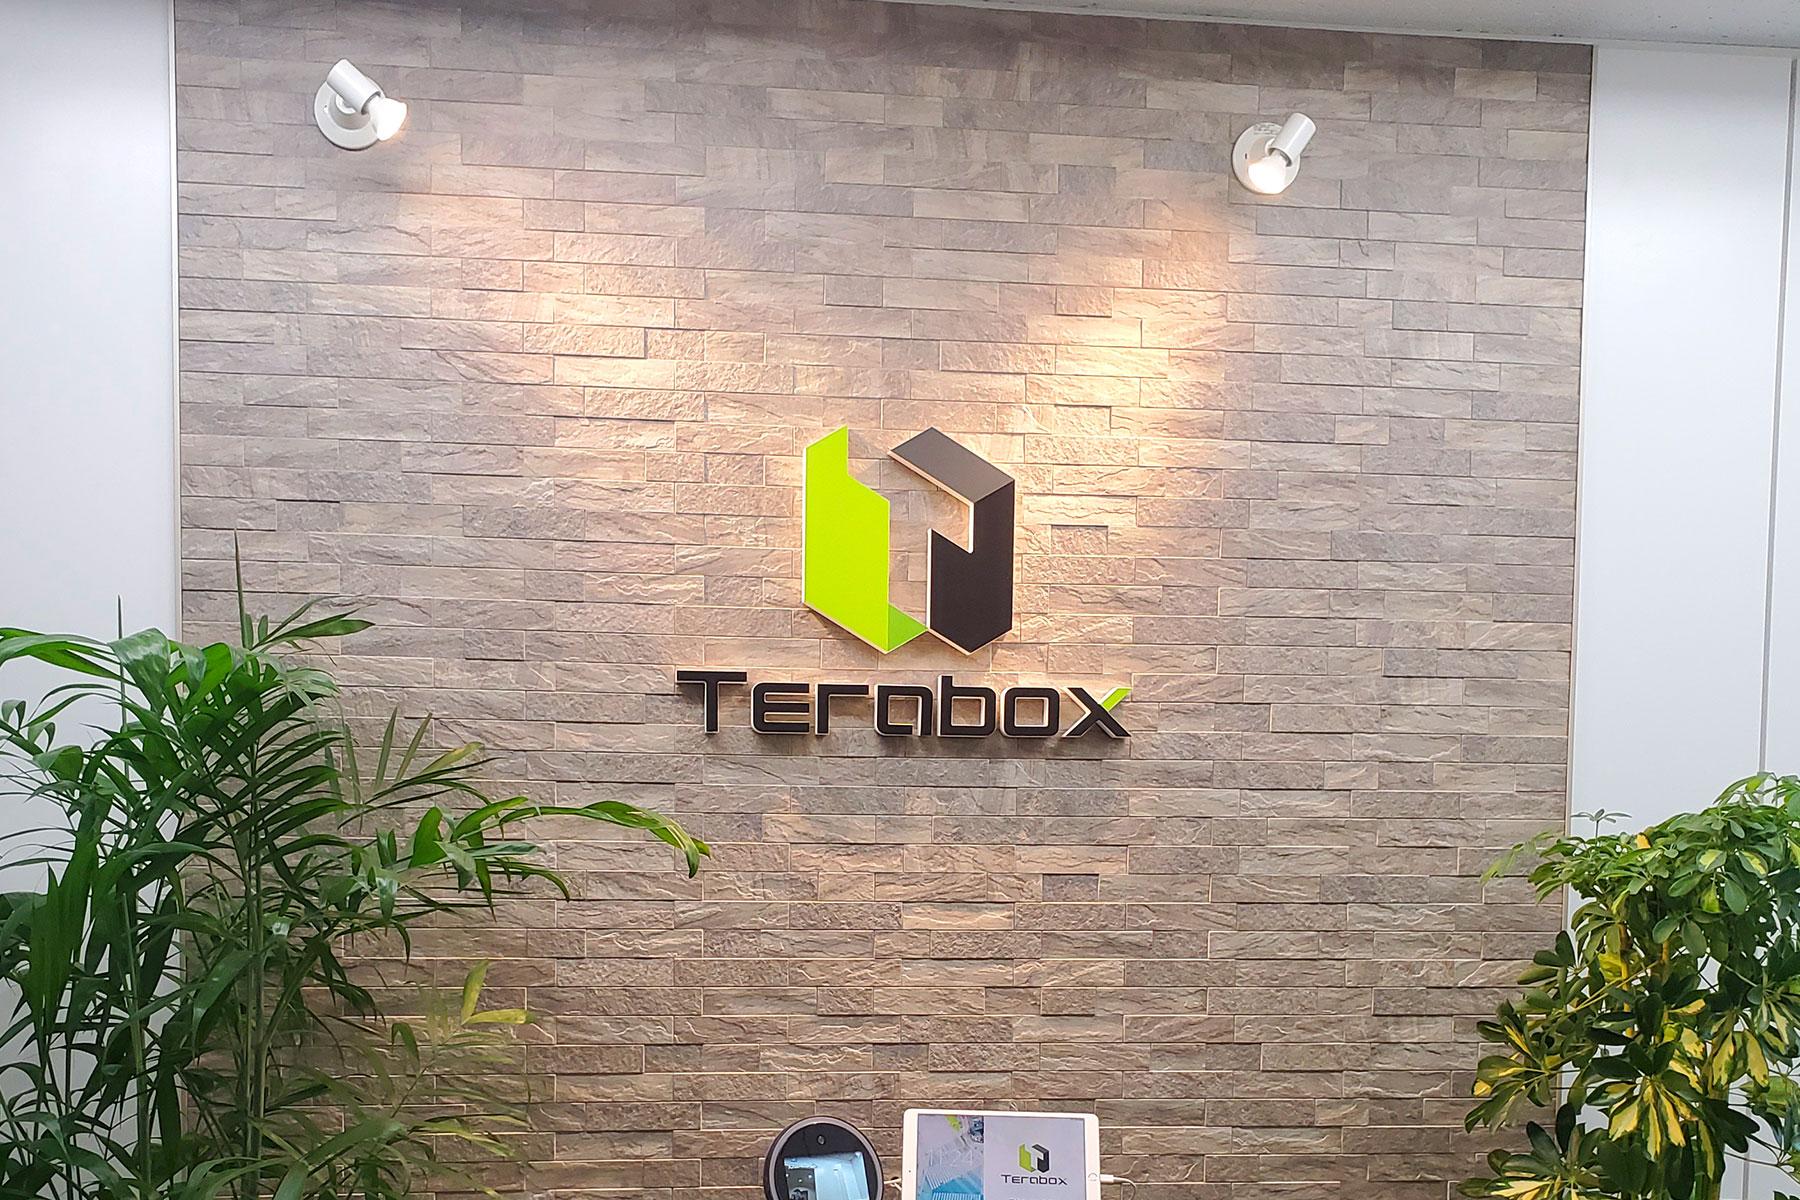 テラボックス株式会社のトップ画像